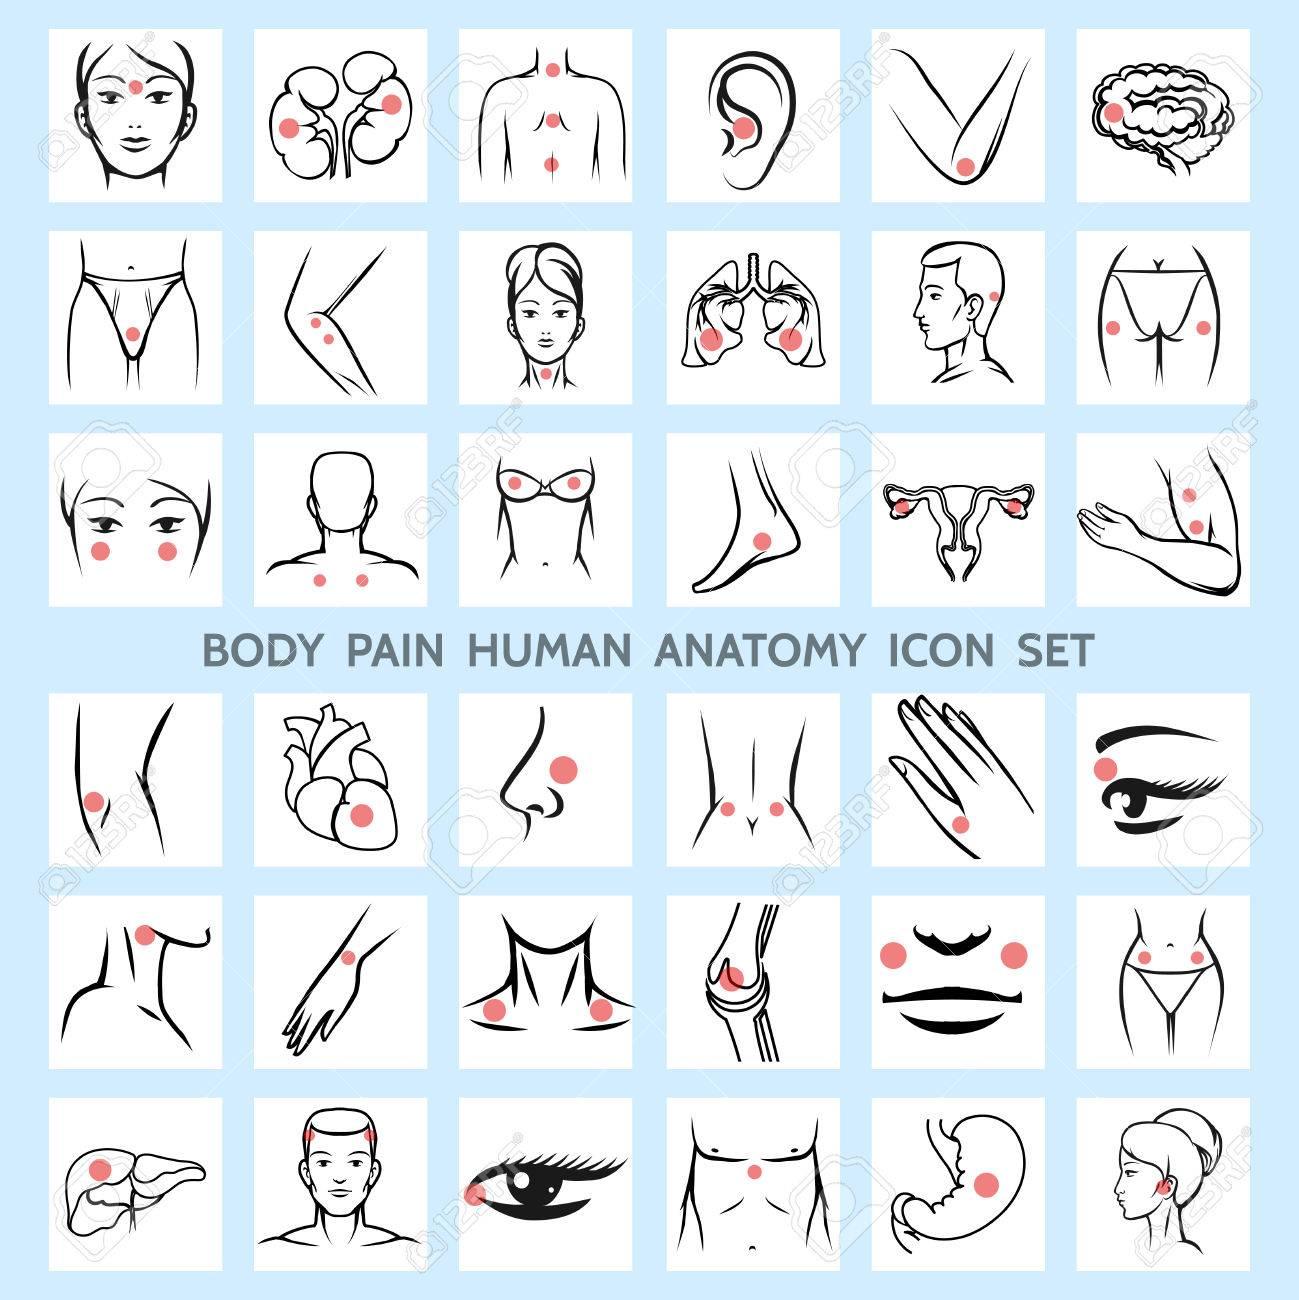 Körper Schmerzen Menschlichen Anatomie Symbole. Medical Auge ...